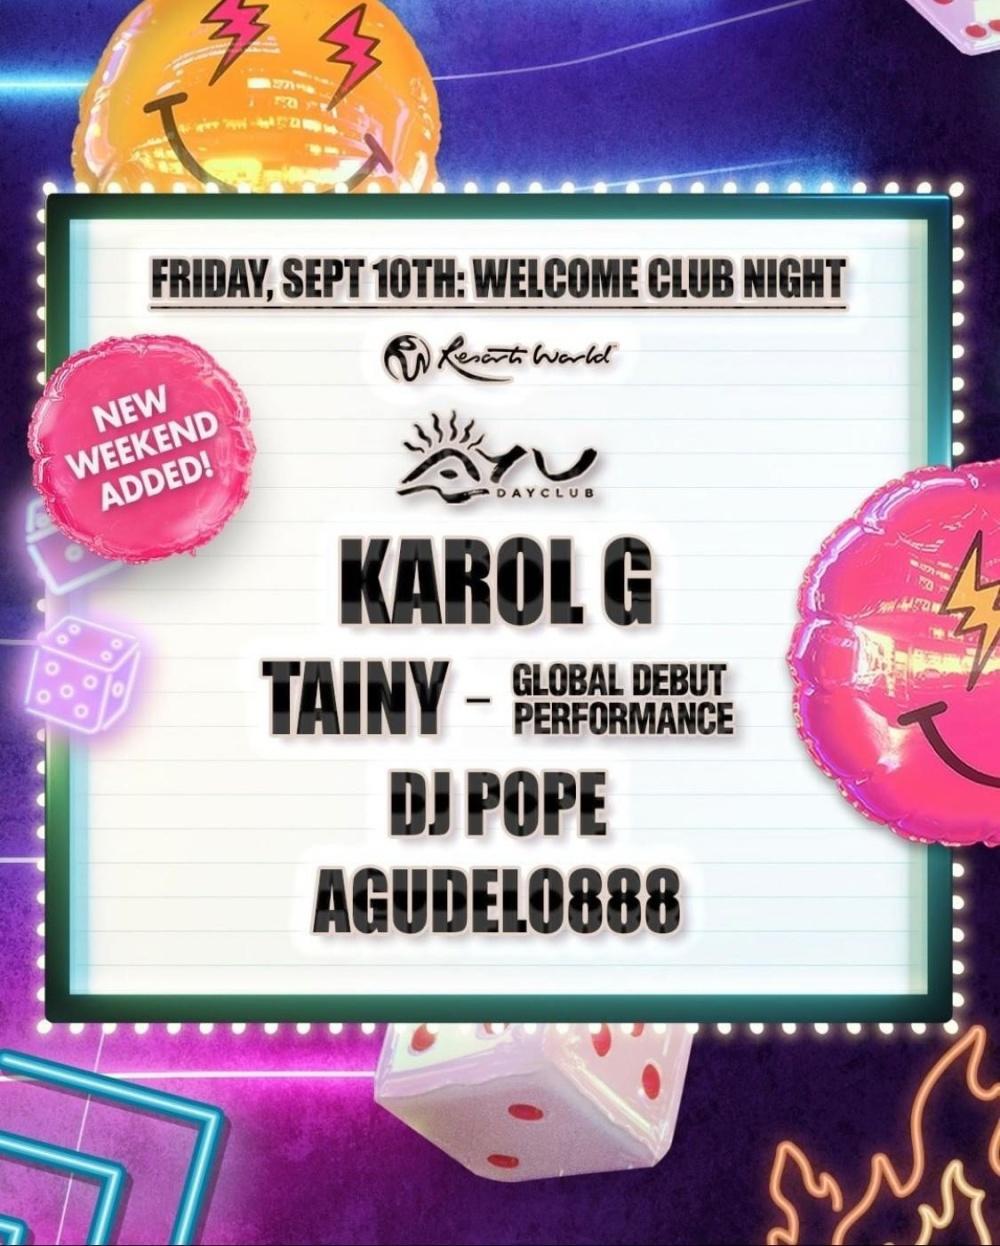 Karol G at Ayu Nights thumbnail